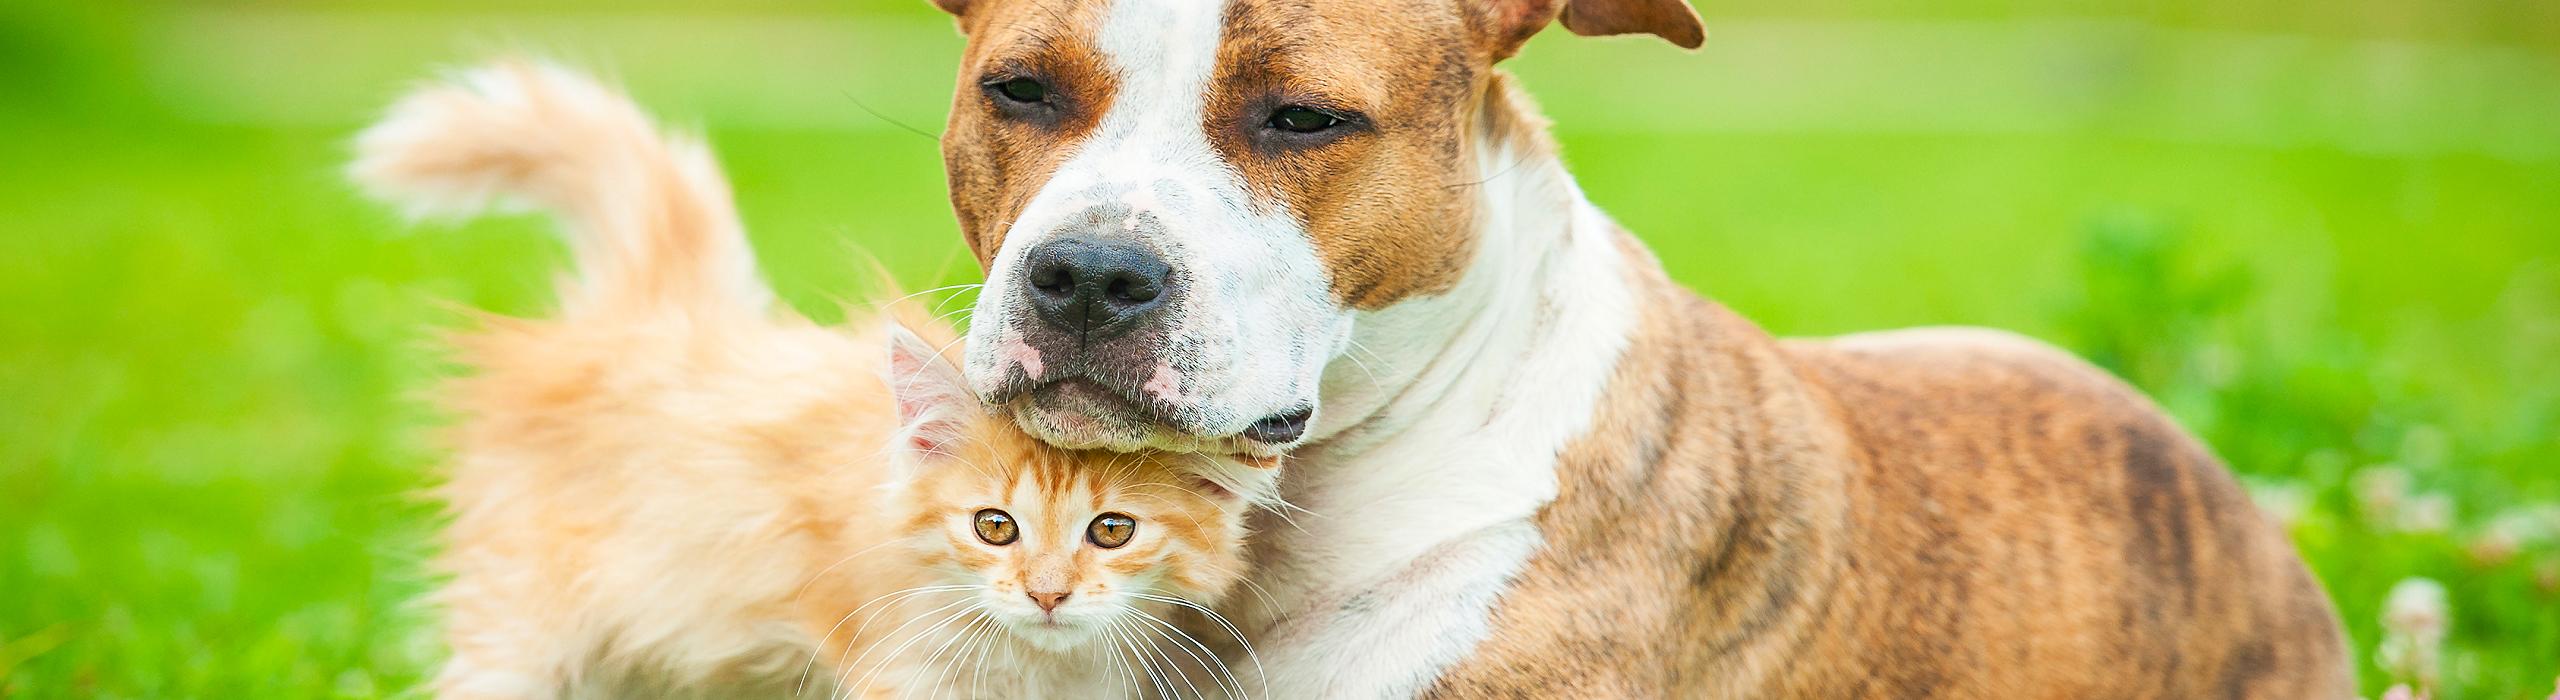 Tierisches Wissen